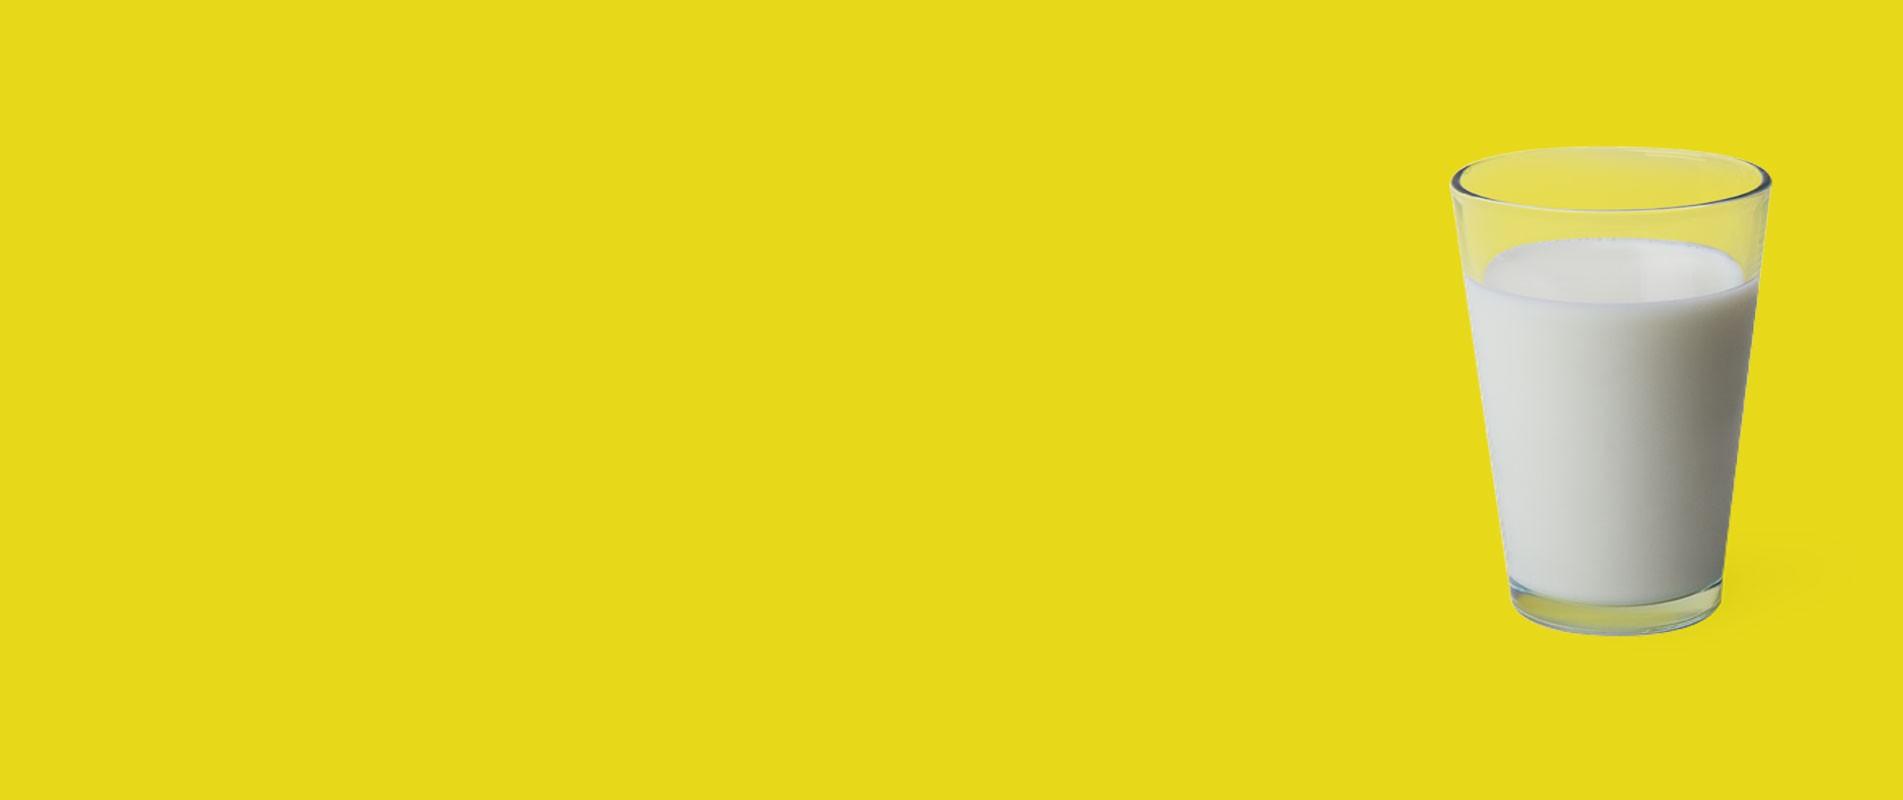 Vendita Online anche all'ingrosso Mozzarelle Artigianali Pugliesi Ricotta Scamorze Formaggi Pugliesi-  Mozzarelle Pugliesi, Mozzarelle Artigianali, Mozzarelle , Mozzarelle, Mozzarella Fresca Pugliese, Cacioricotta Fresco, Cacioricotta , Caciocavallo